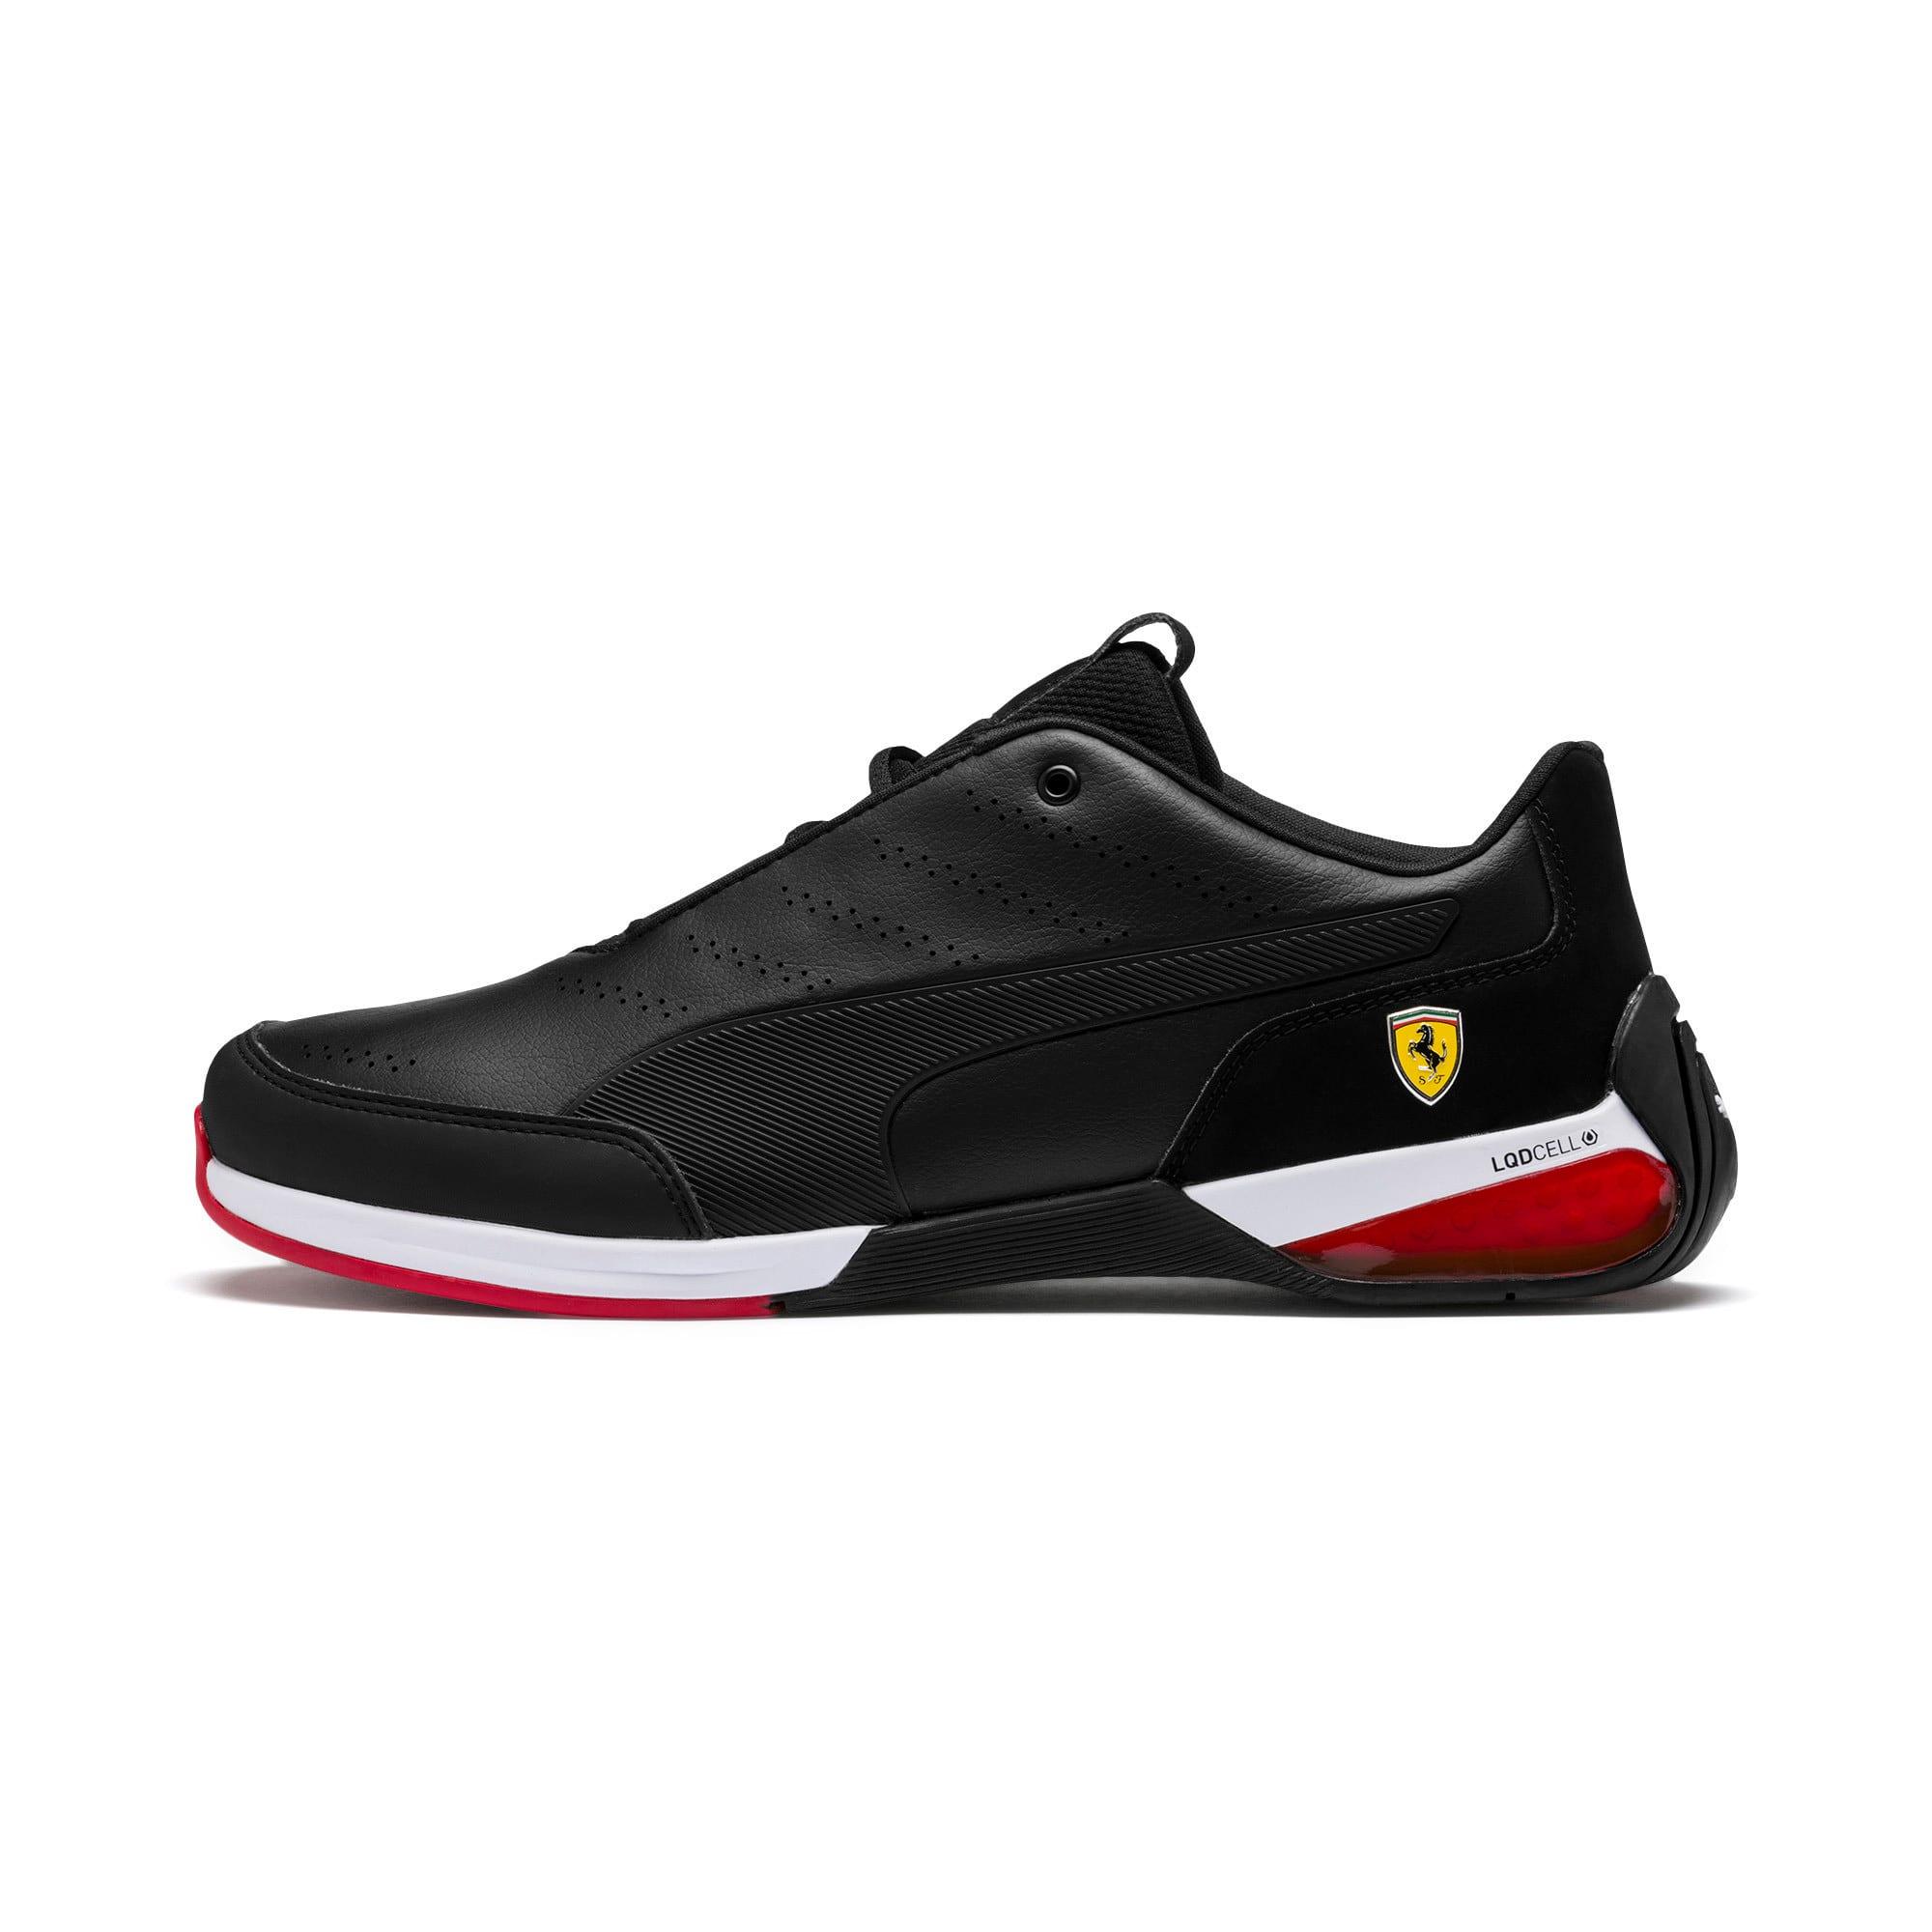 Thumbnail 1 of Ferrari Kart Cat X Trainers, Puma Black-Puma Black, medium-IND